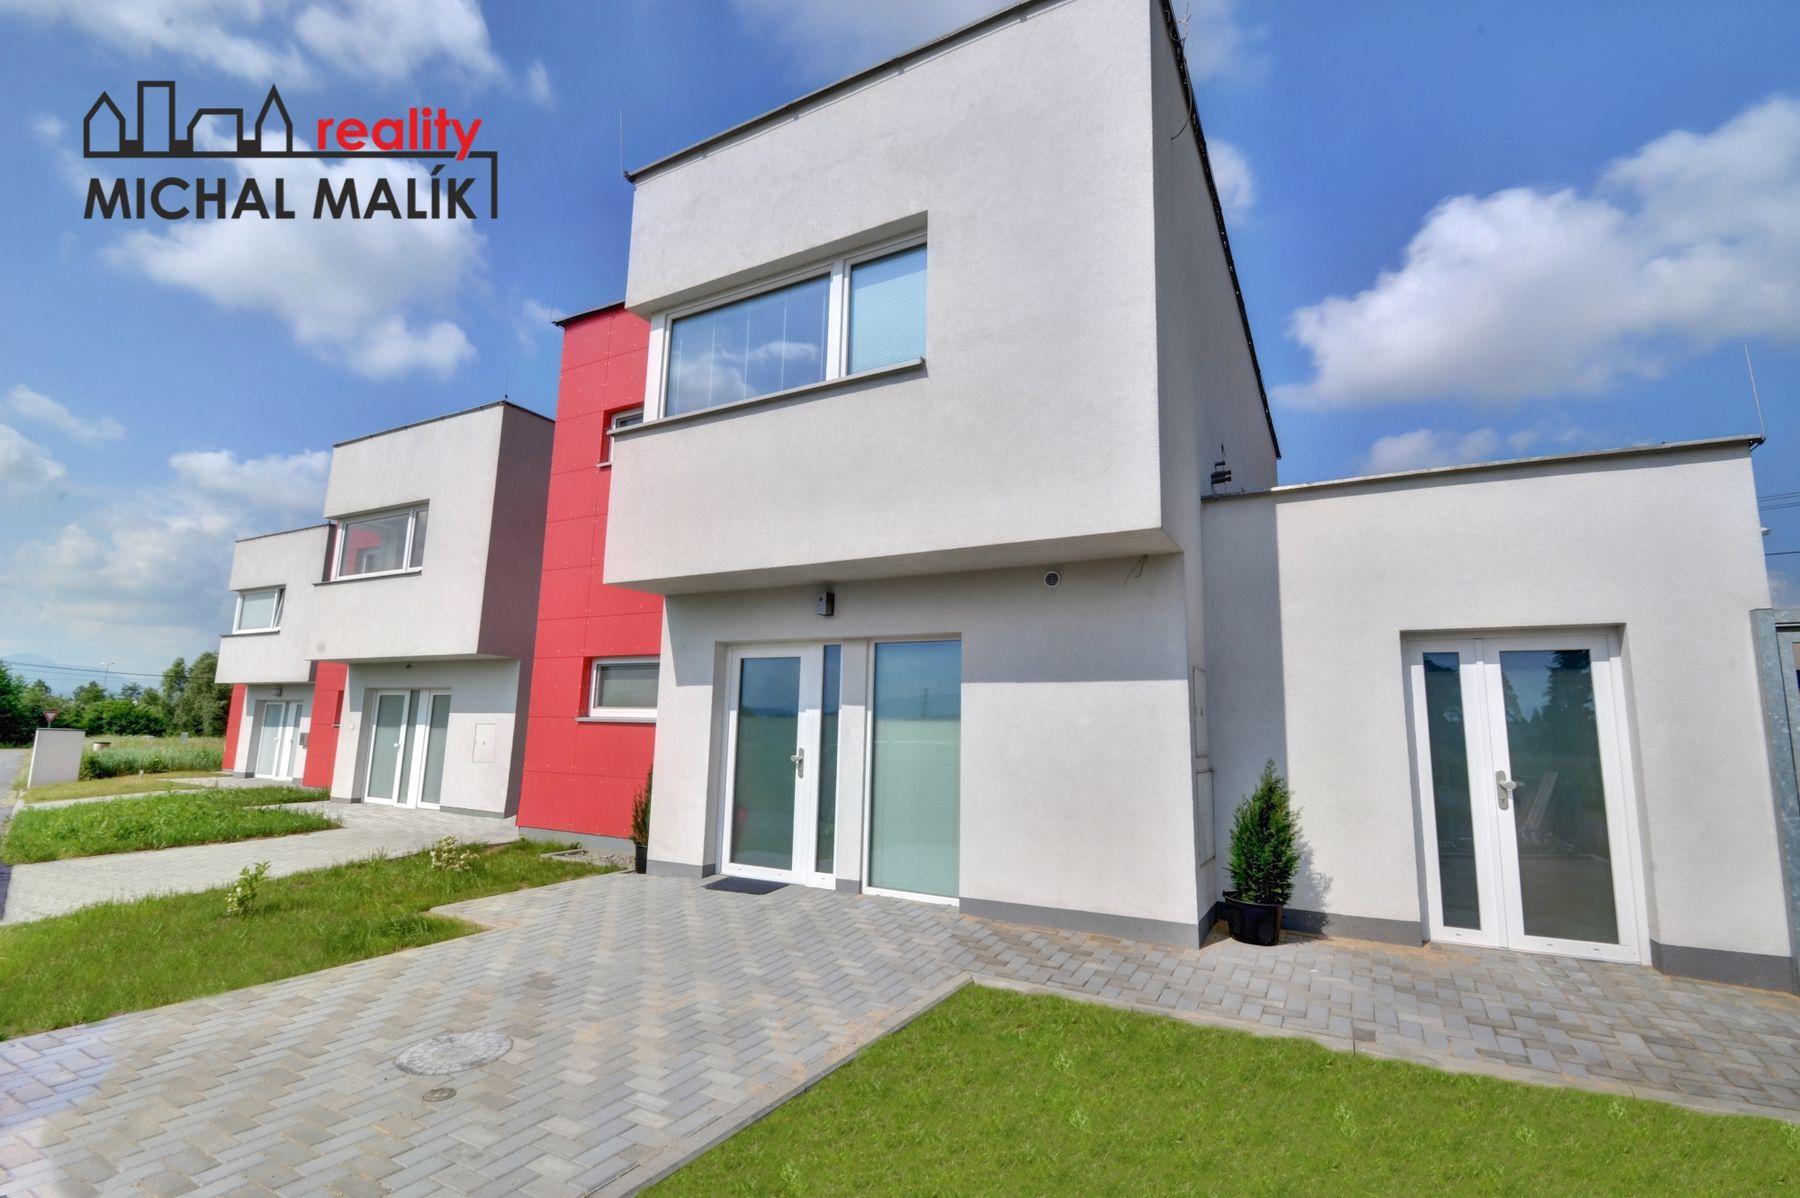 Prodej rodinného domu 113.36m2, pozemek 600 m2, Mikoláše Alše, Frýdek Místek